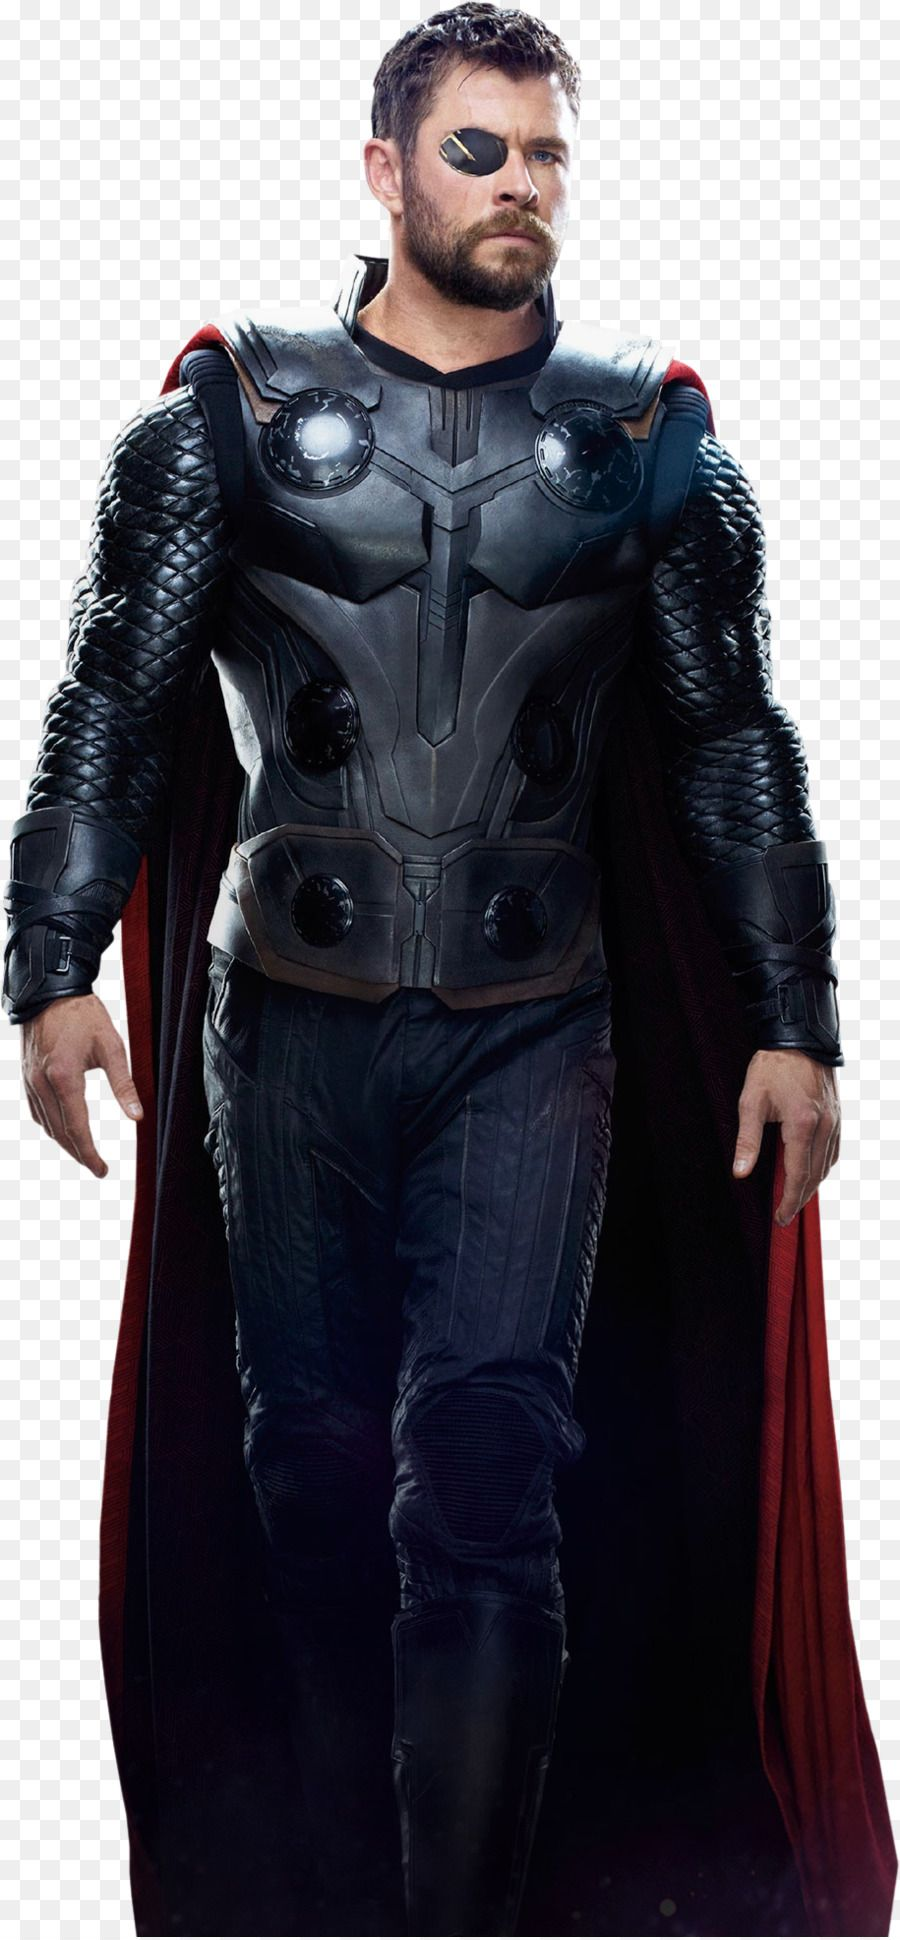 Chris Hemsworth Thor Avengers Infinity War Hulk Loki Storm Breaker Chris Hemsworth Thor Chris Hemsworth Avengers